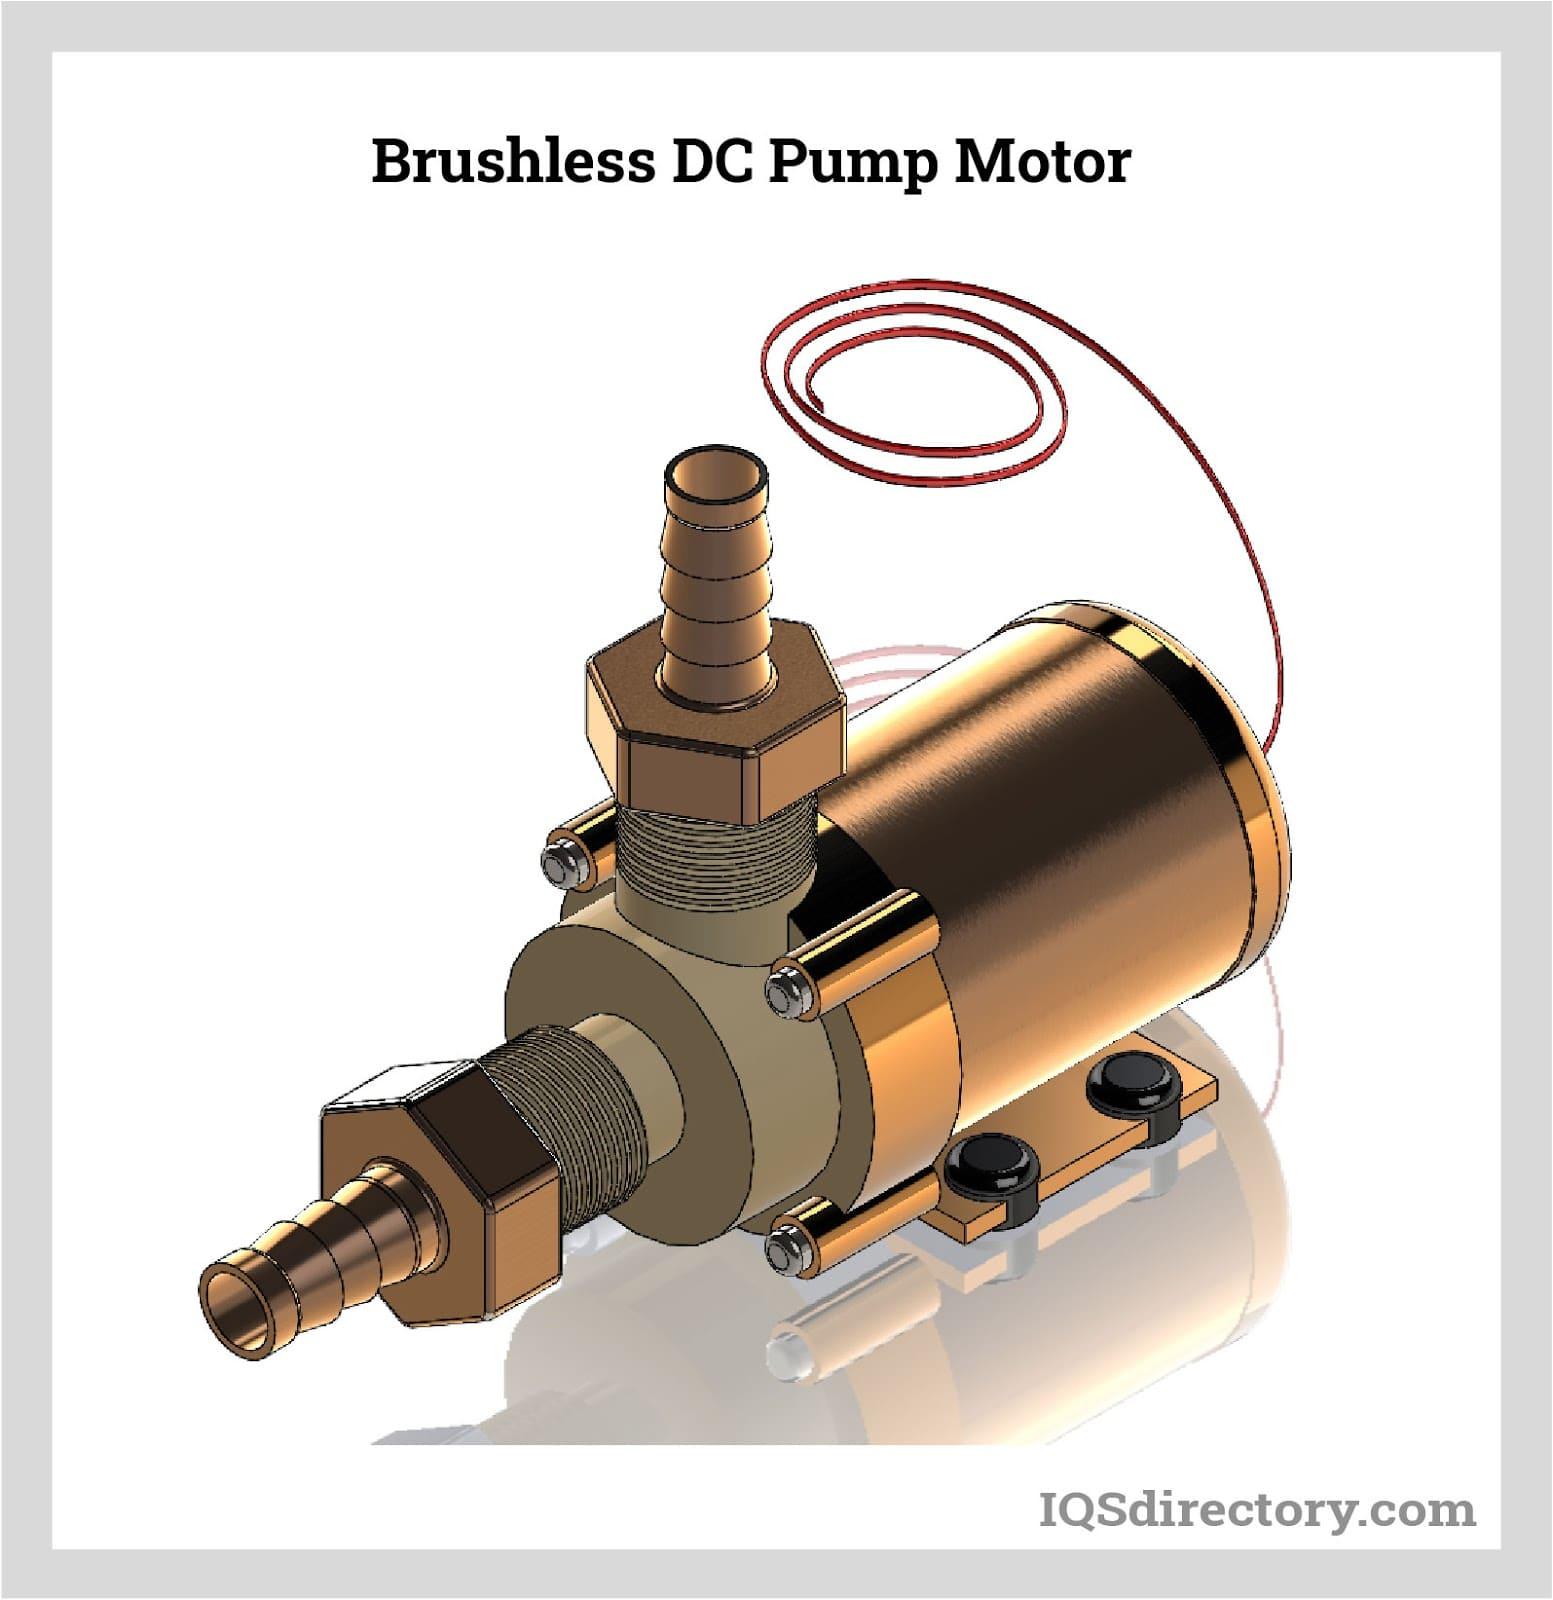 Brushless DC Pump Motor